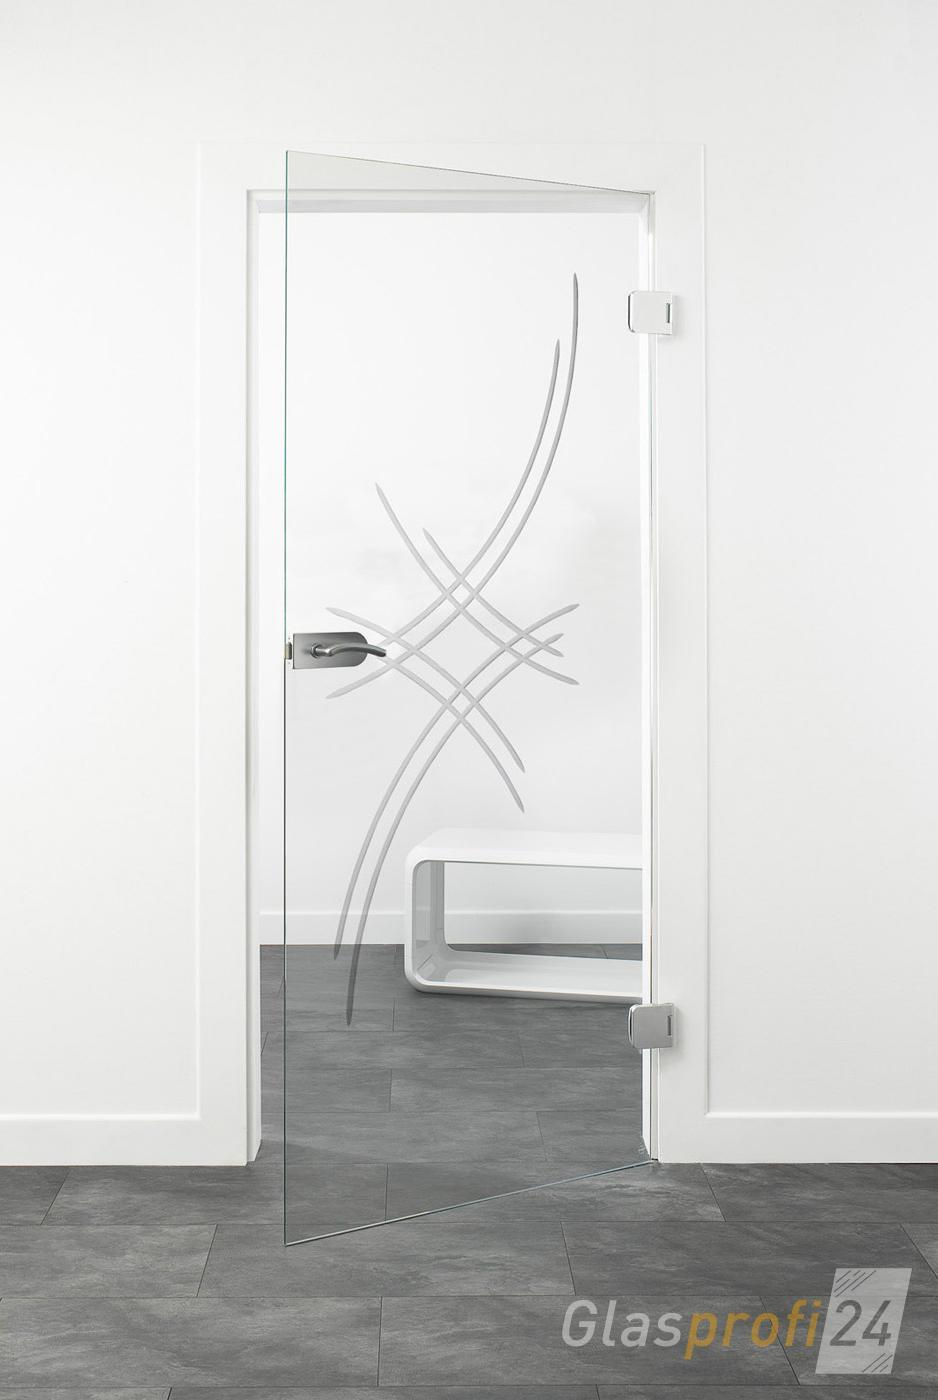 hochwertige glas-zimmertür mit edelstahl-beschlägen | glasprofi24